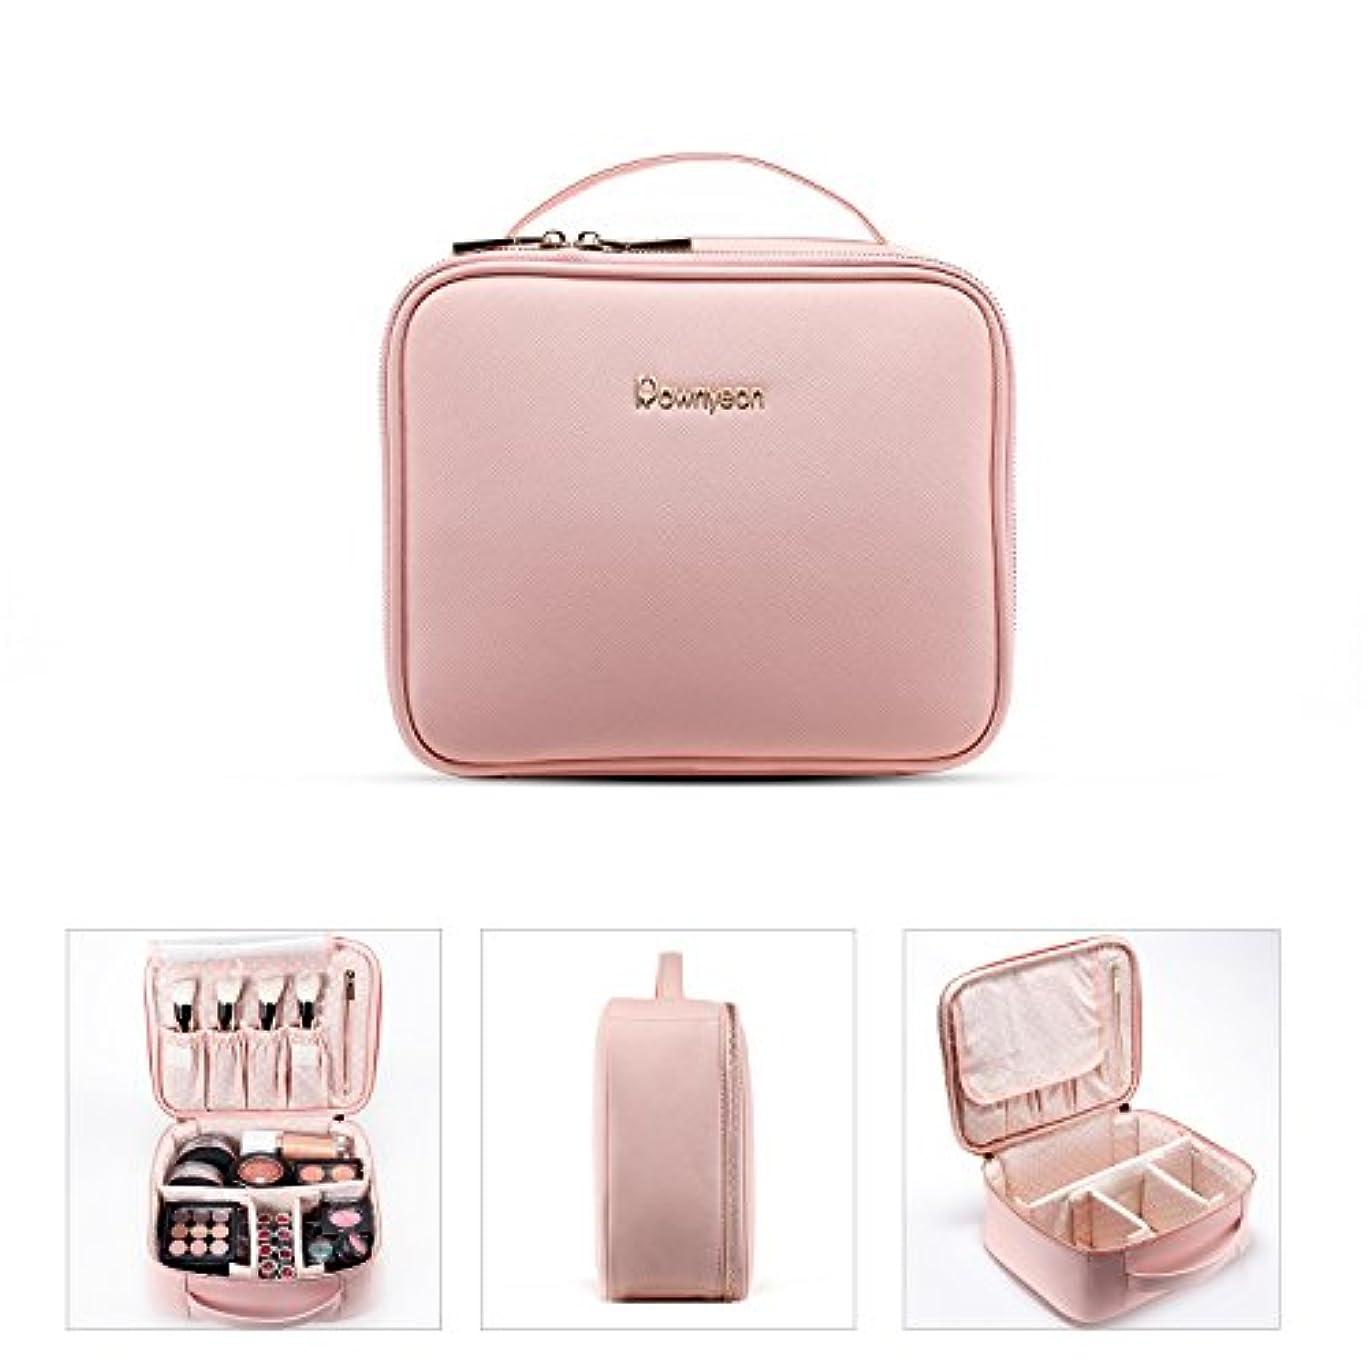 Rownyeon メイクボックス 大容量 化粧ポーチ 大きめ 機能的 メイクポーチ ブラシ入れ付き 仕切り ピンク 旅行用 持ち運び ラベルバッグ 化粧道具 小物入れポーチ 可愛い プレゼント最適